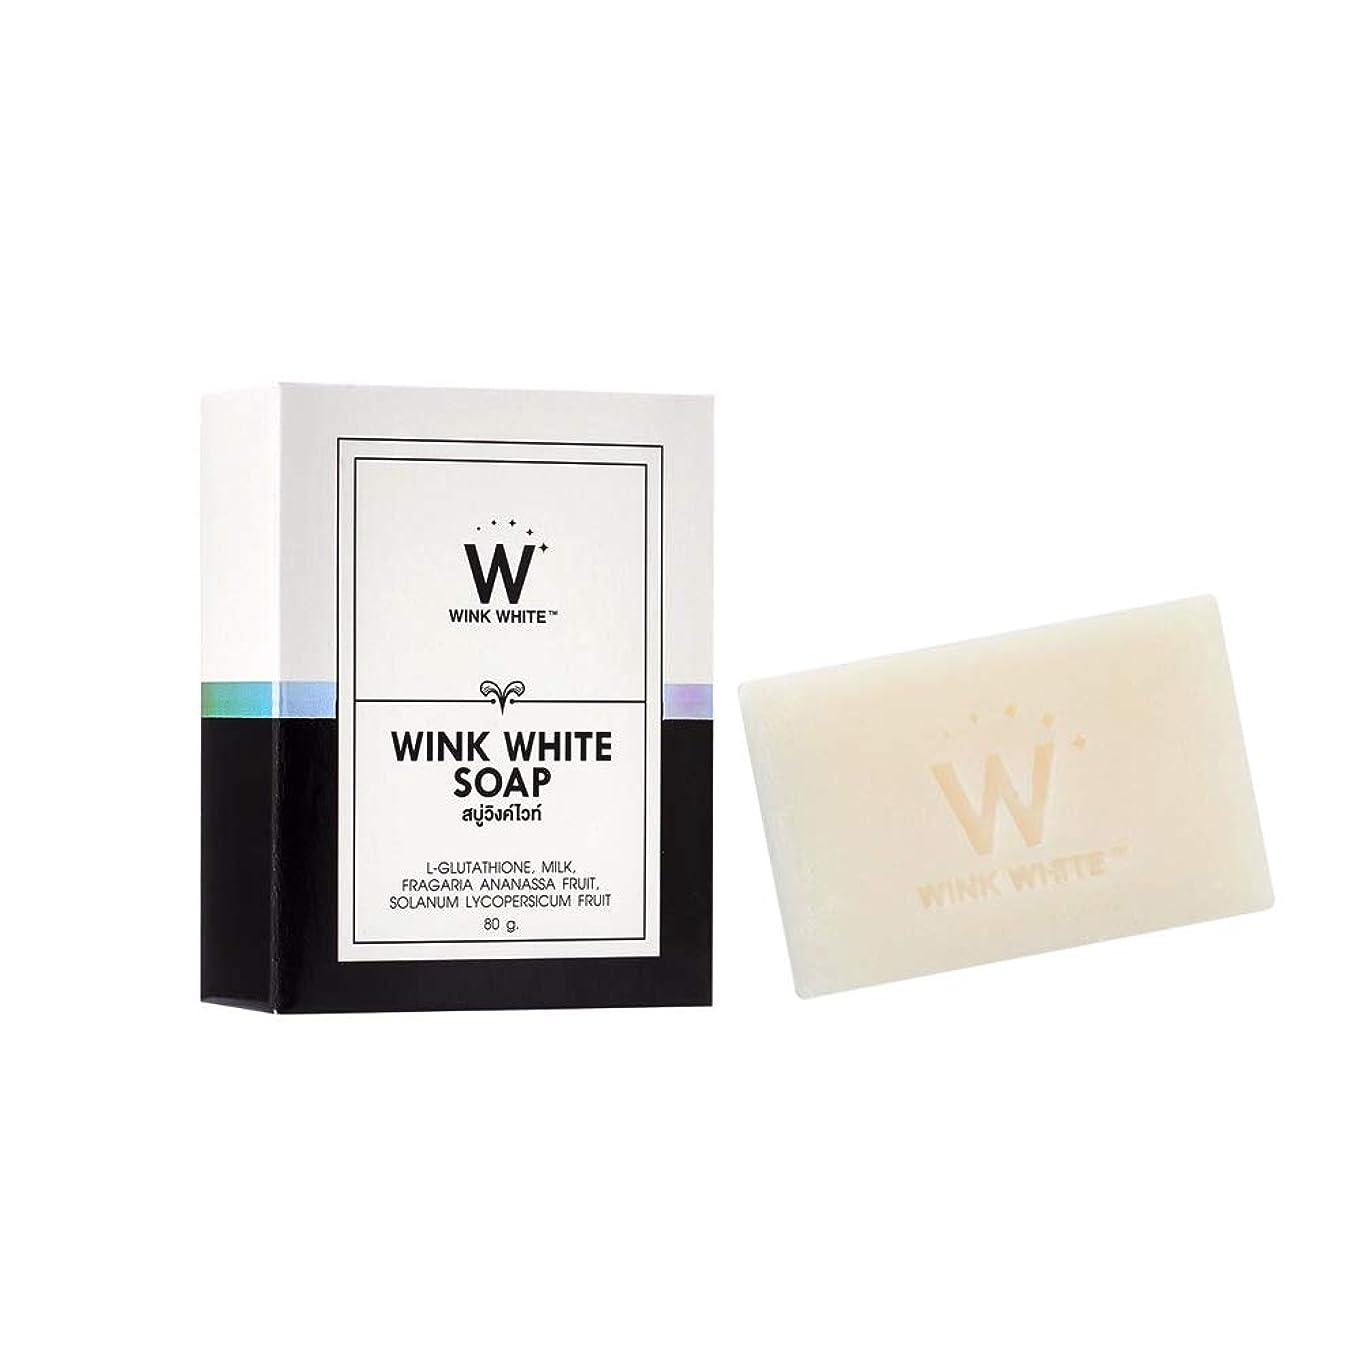 貞プロトタイプ対立Soap Net Nature White Soap Base Wink White Soap Gluta Pure Skin Body Whitening Strawberry for Whitening Skin All Natural Milled Goats Milk